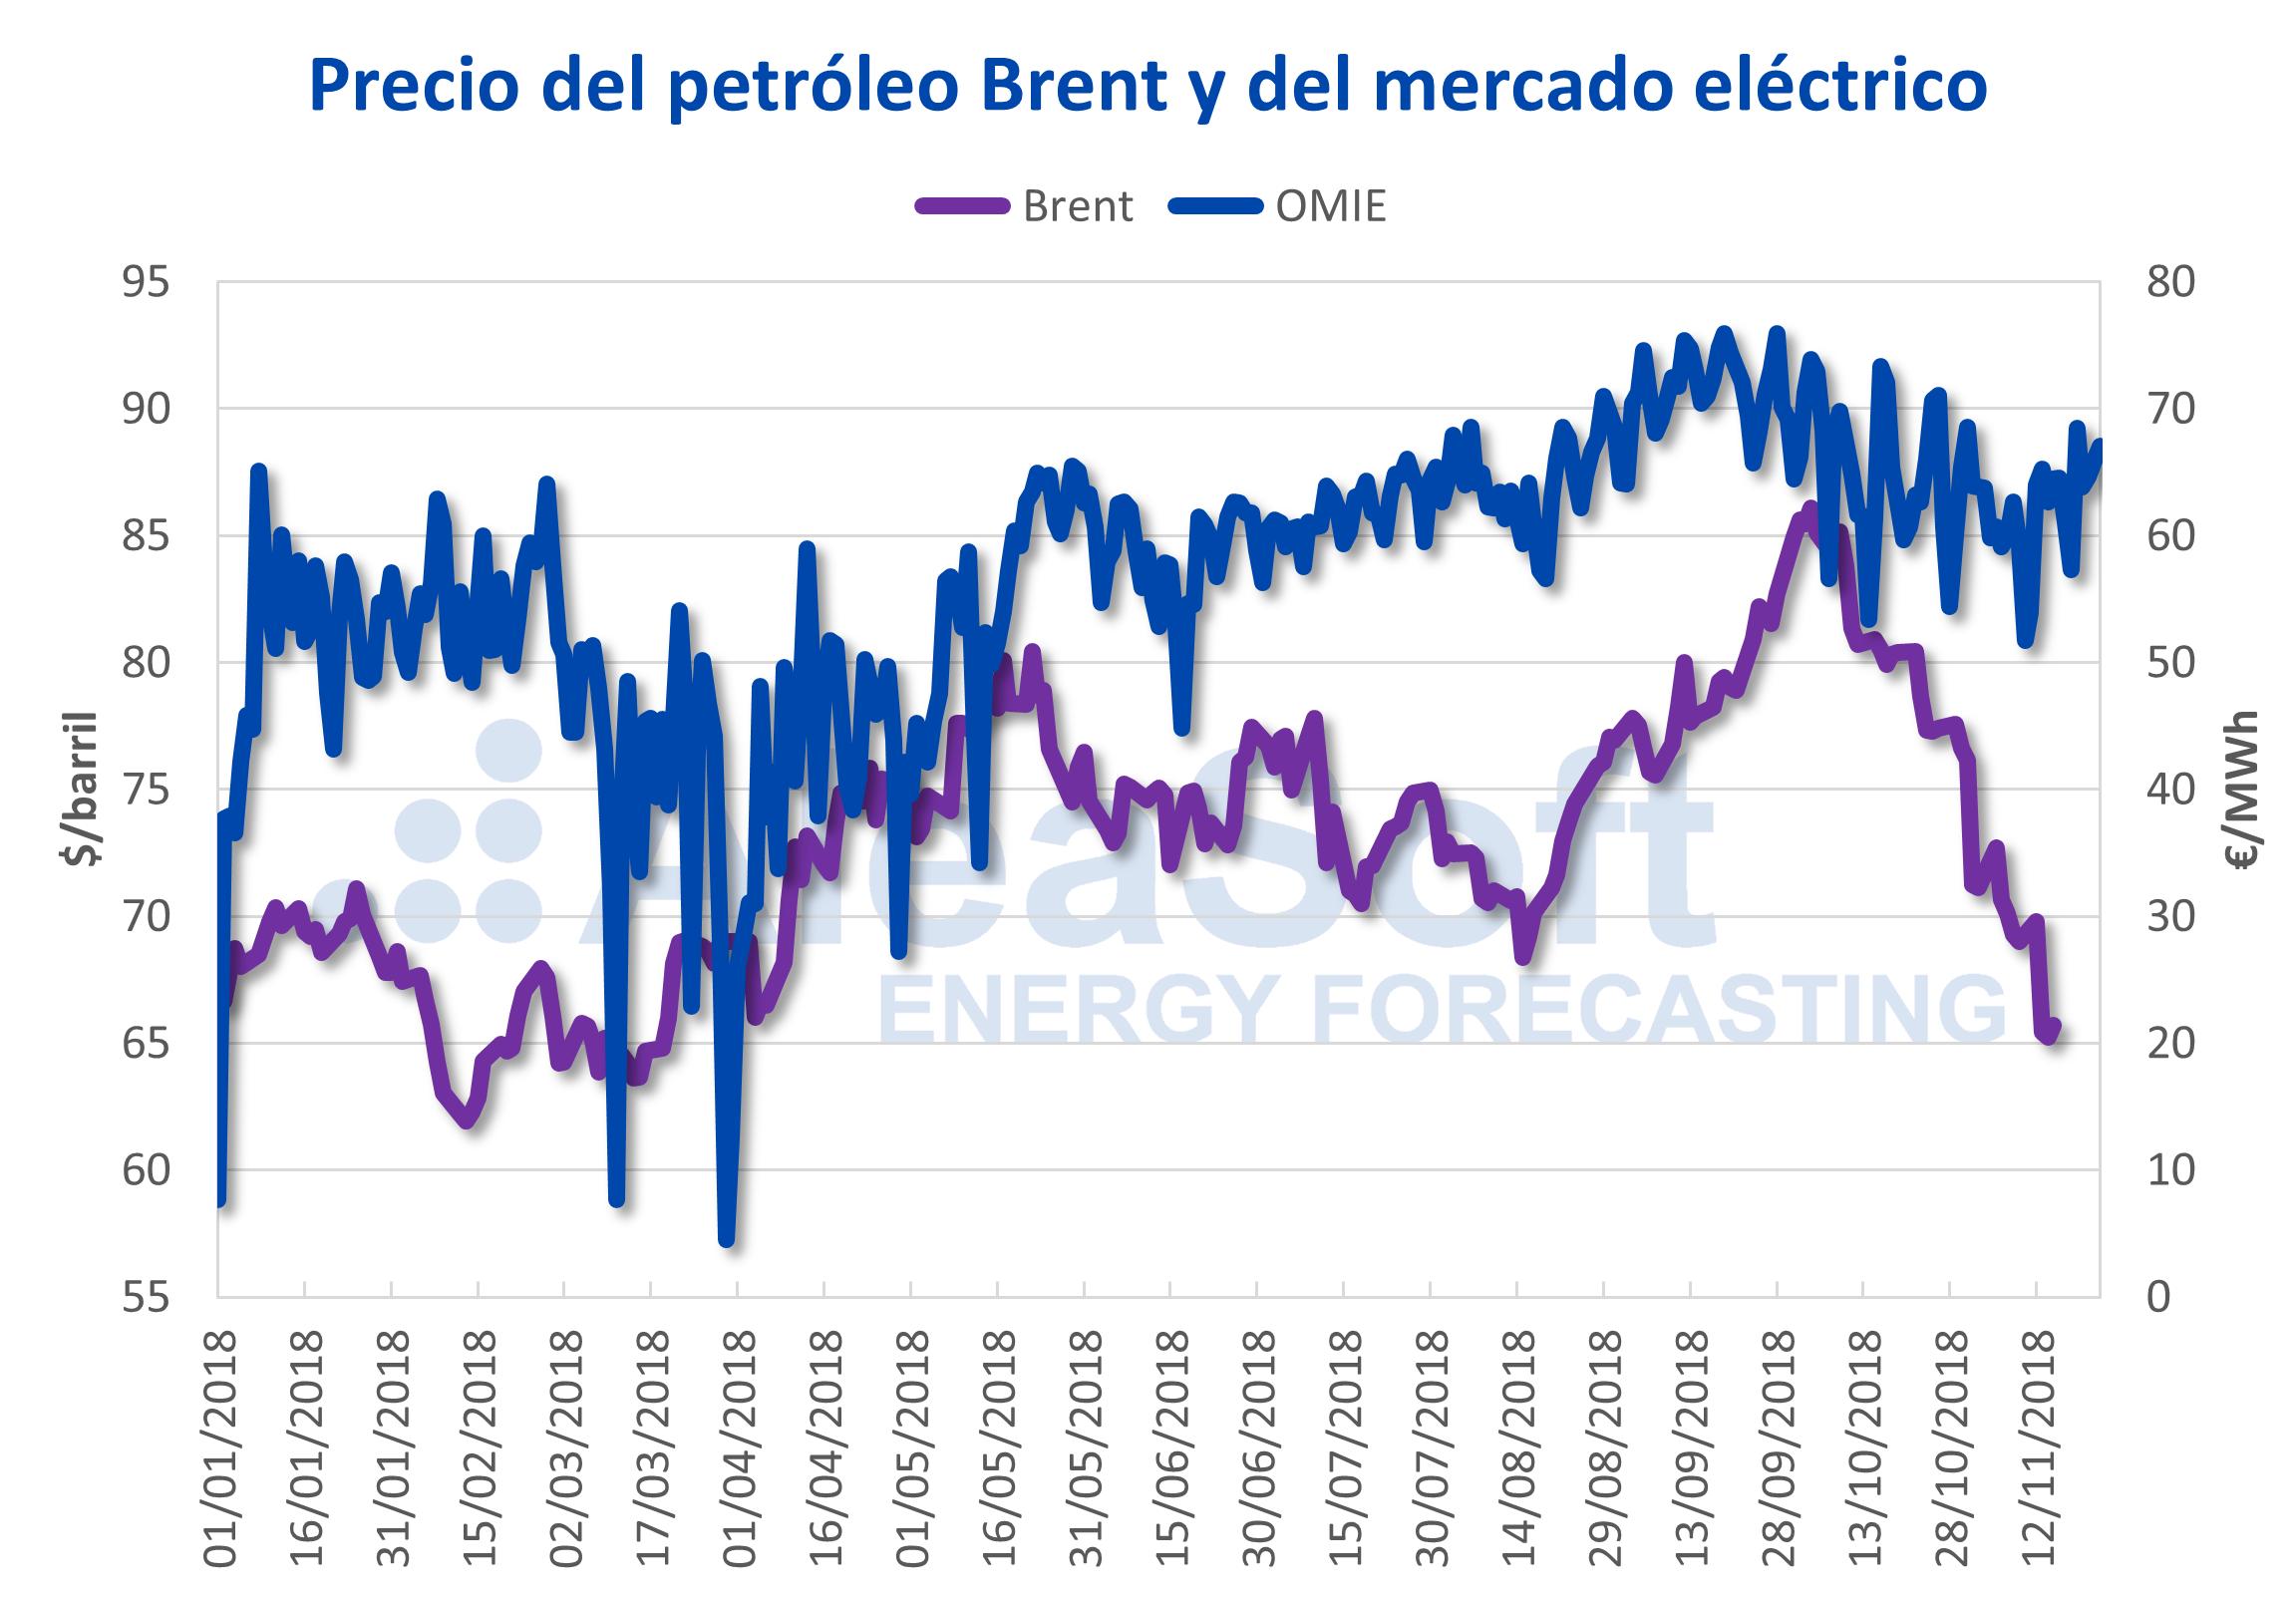 AleaSoft - Precio del petróleo Brent y del mercado eléctrico